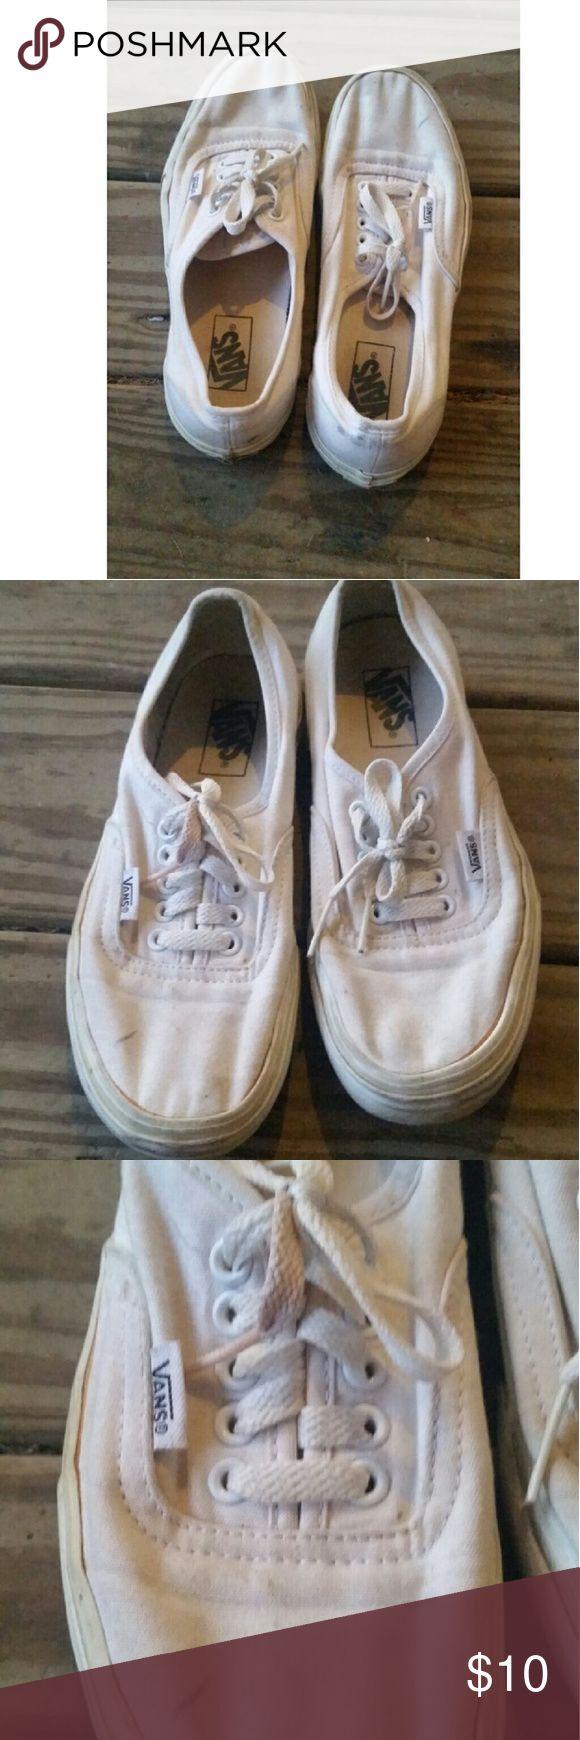 White Vans skate shoes White Vans skate shoes sneakers Vans Shoes Sneakers